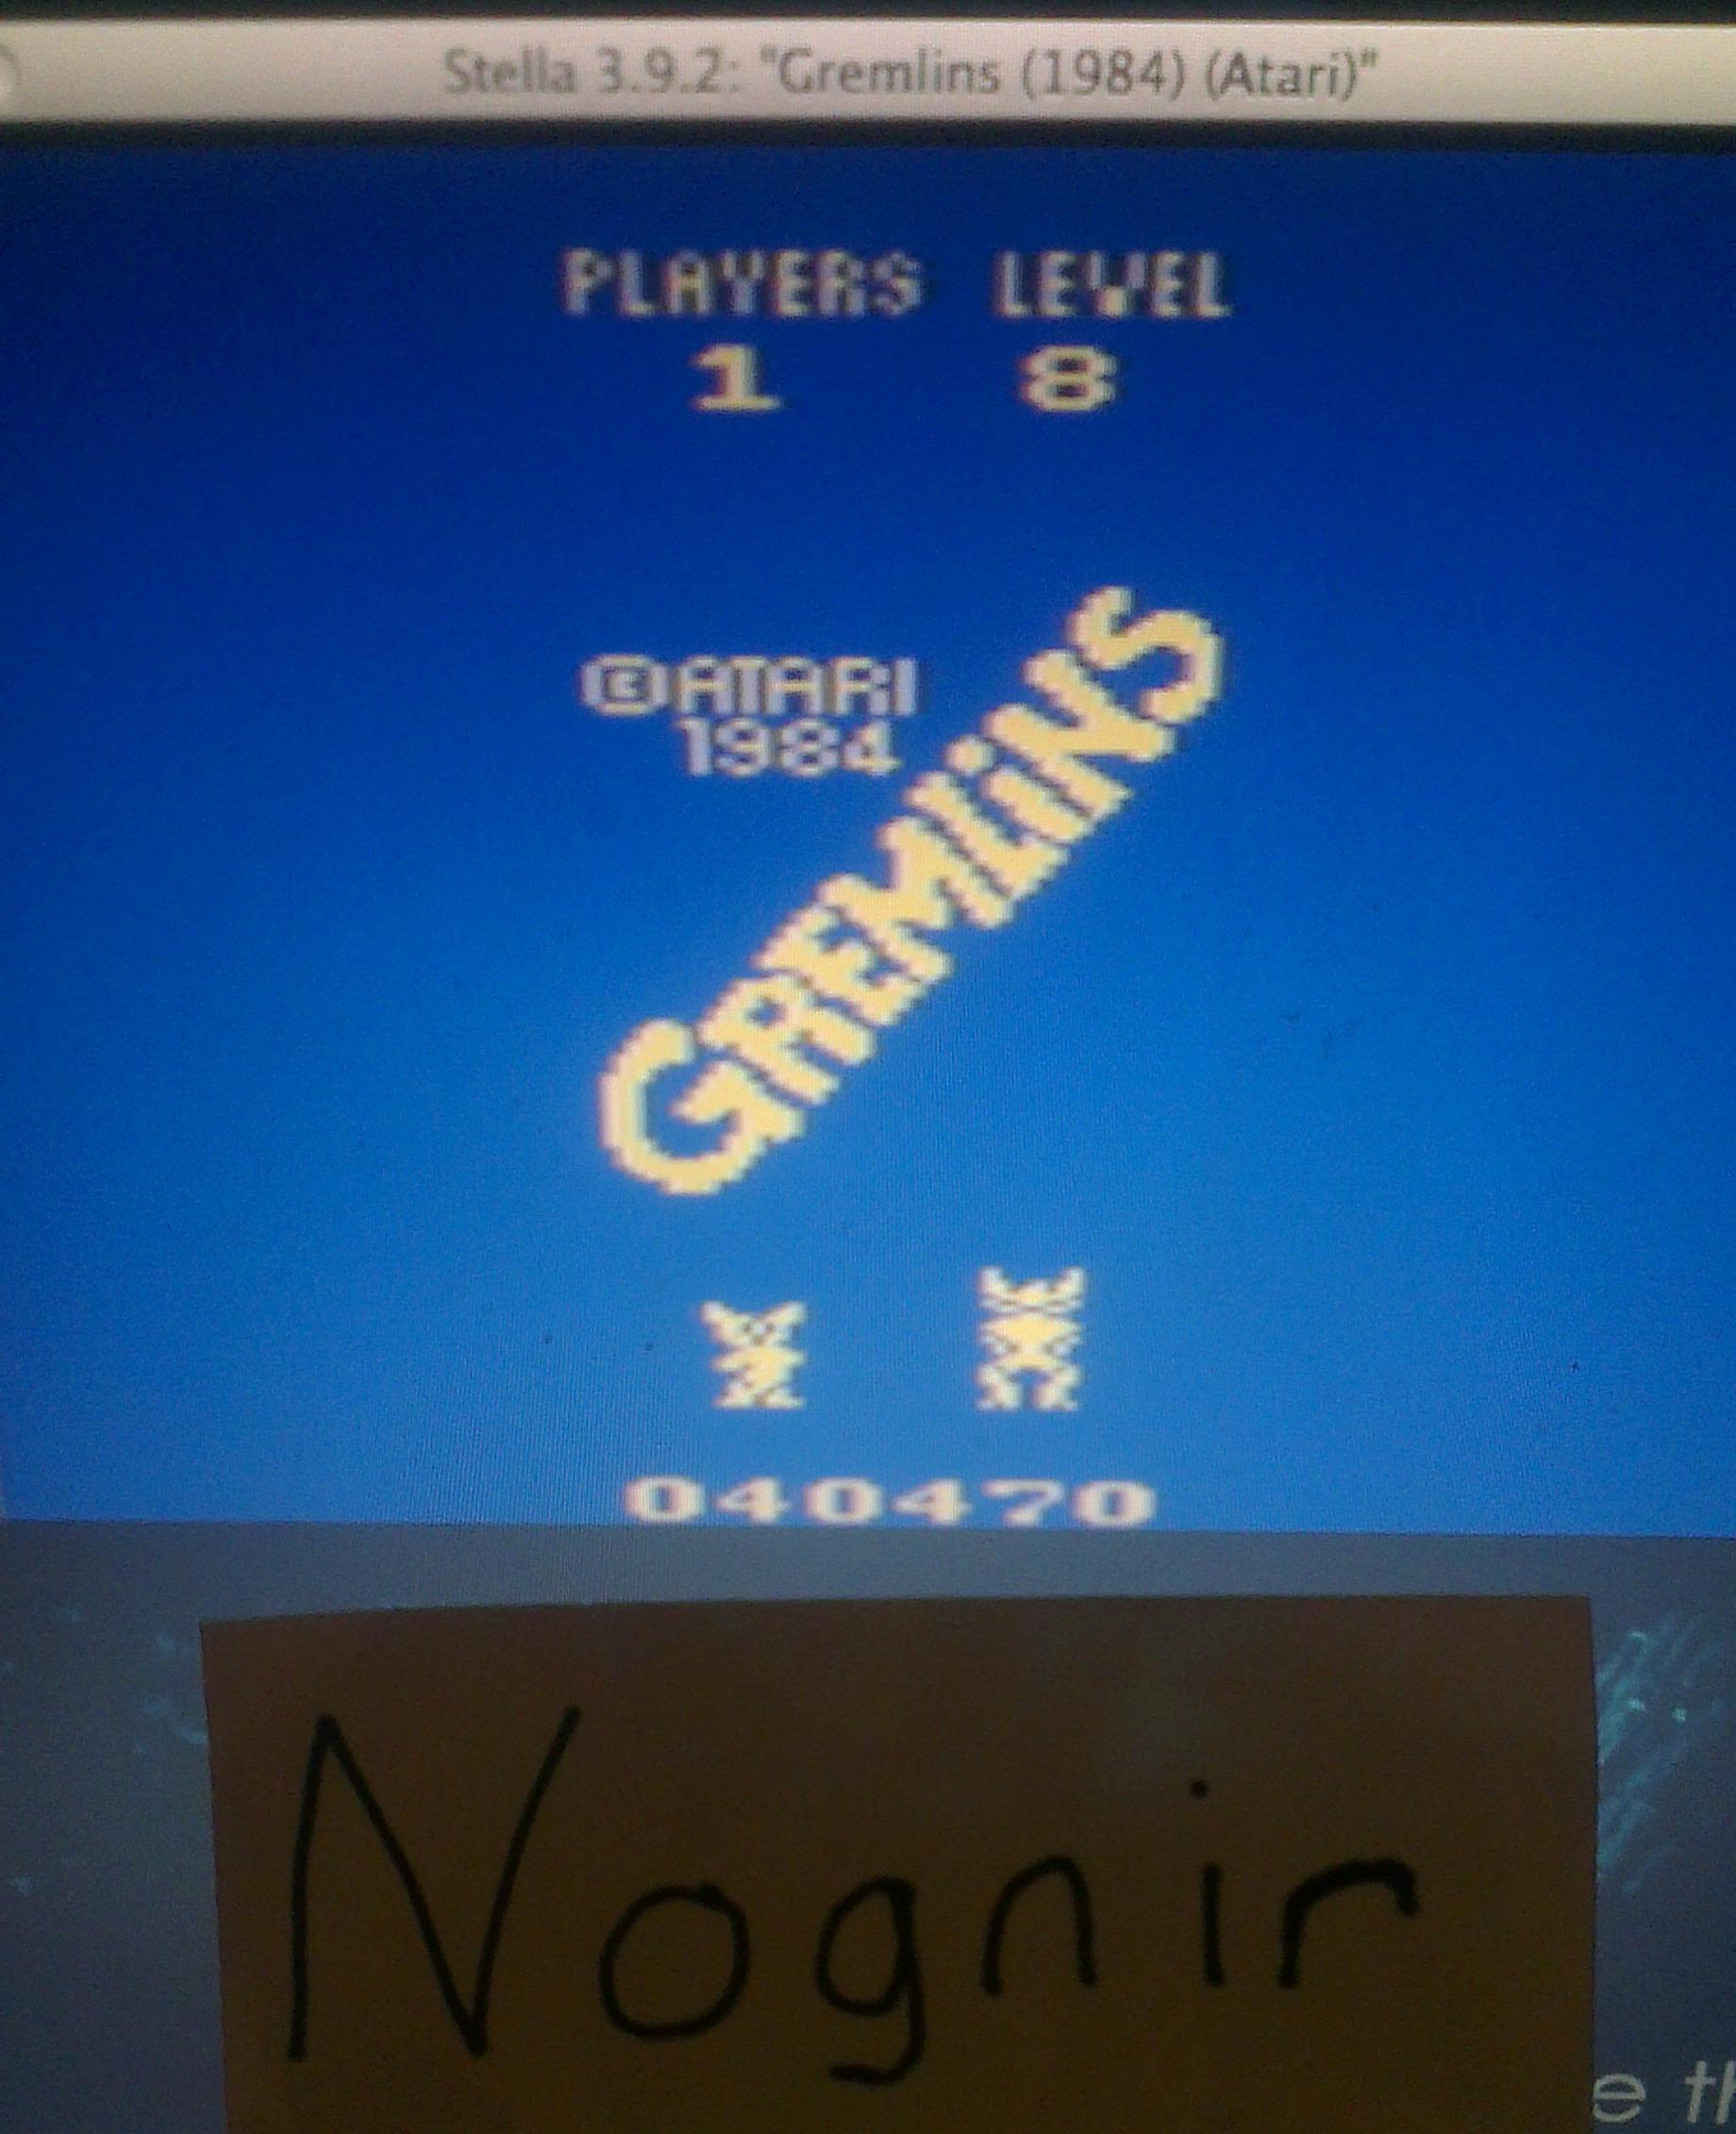 Nognir: Gremlins (Atari 2600 Emulated Novice/B Mode) 40,470 points on 2014-04-09 16:58:18